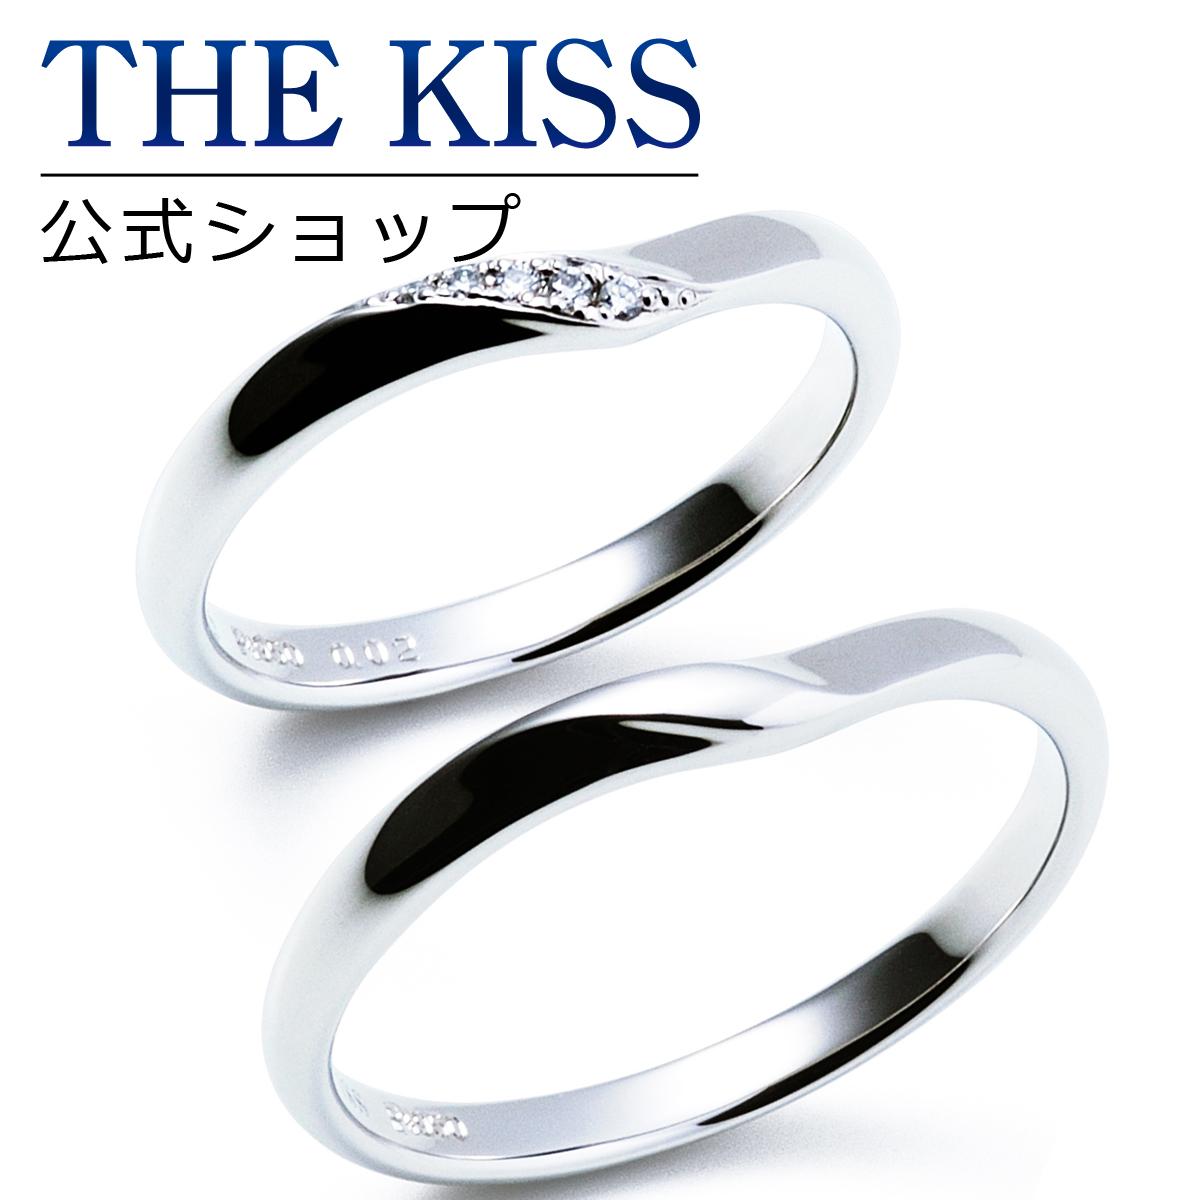 【刻印可_14文字】【THE KISS Anniversary】 プラチナ マリッジ リング 結婚指輪 ペアリング THE KISS ザキッス リング・指輪 7061116061-7061116062 セット シンプル 男性 女性 2個ペア ザキス 【送料無料】